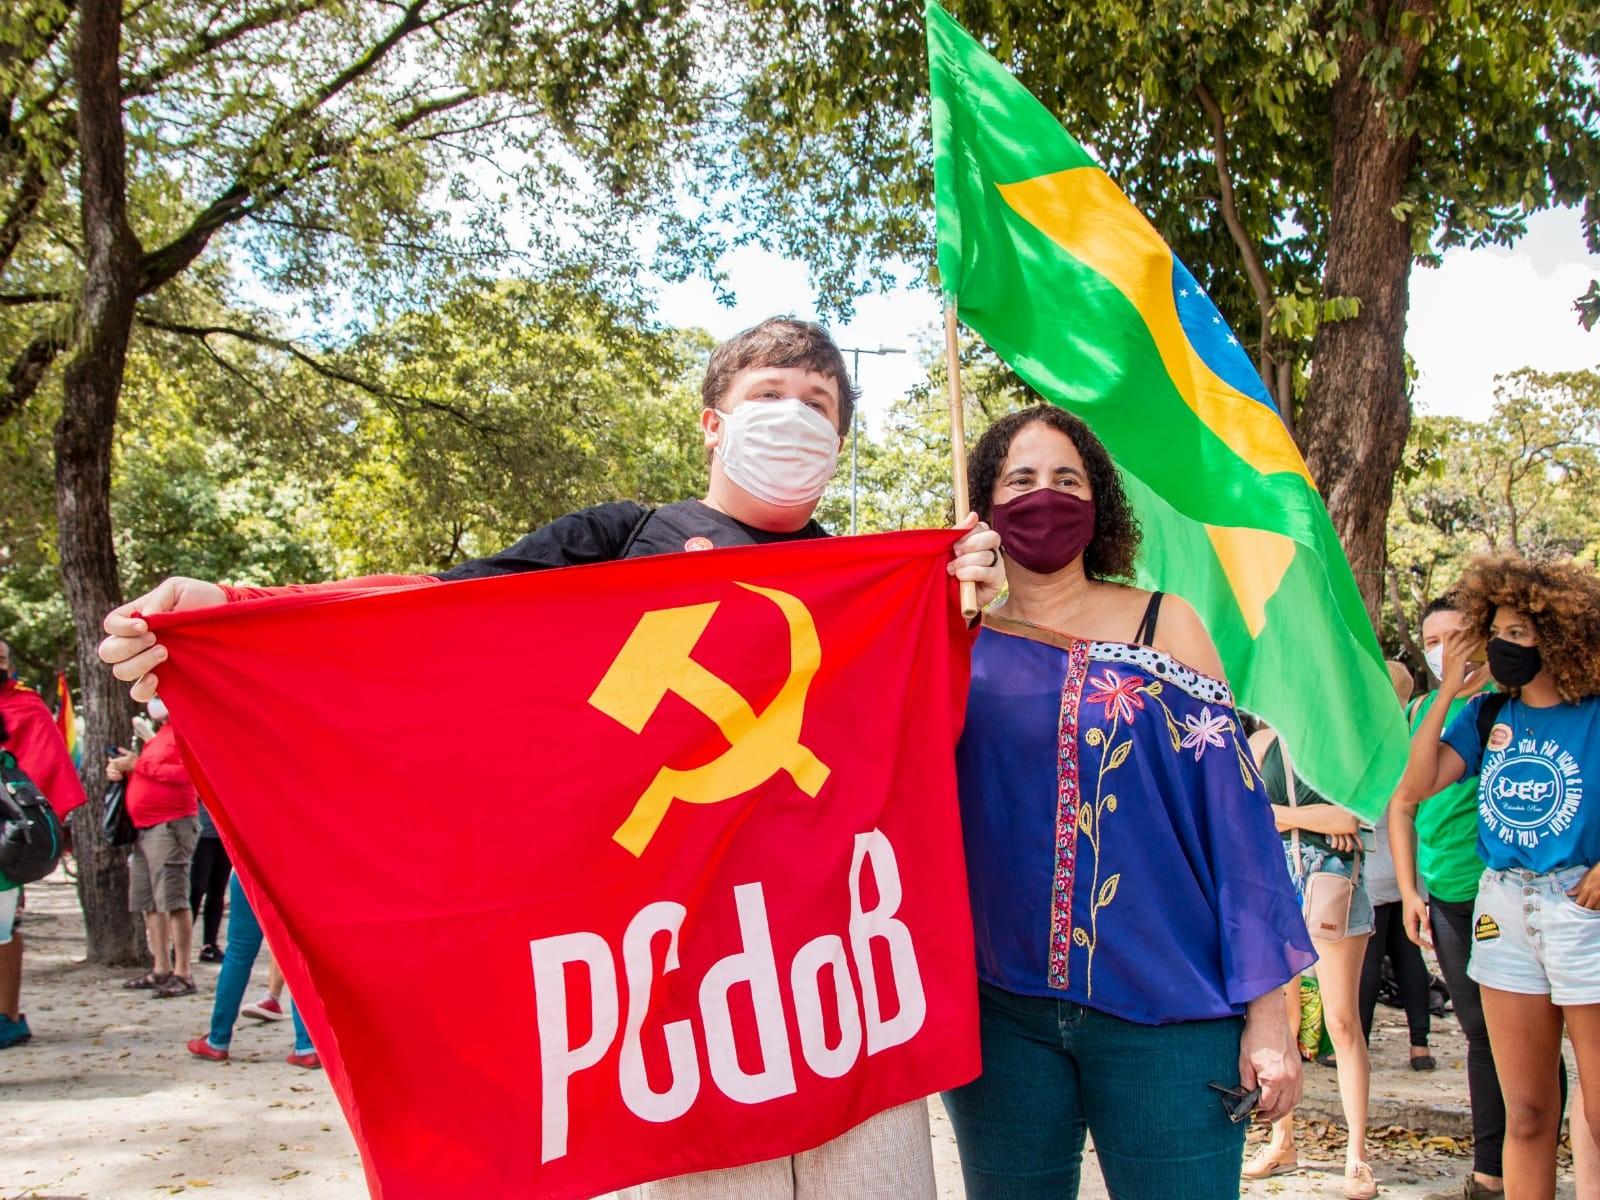 בולסונרו הביתה: יותר מ-700 אלף איש ב-300 ערים ברחבי ברזיל הפגינו נגד הנשיא הימני